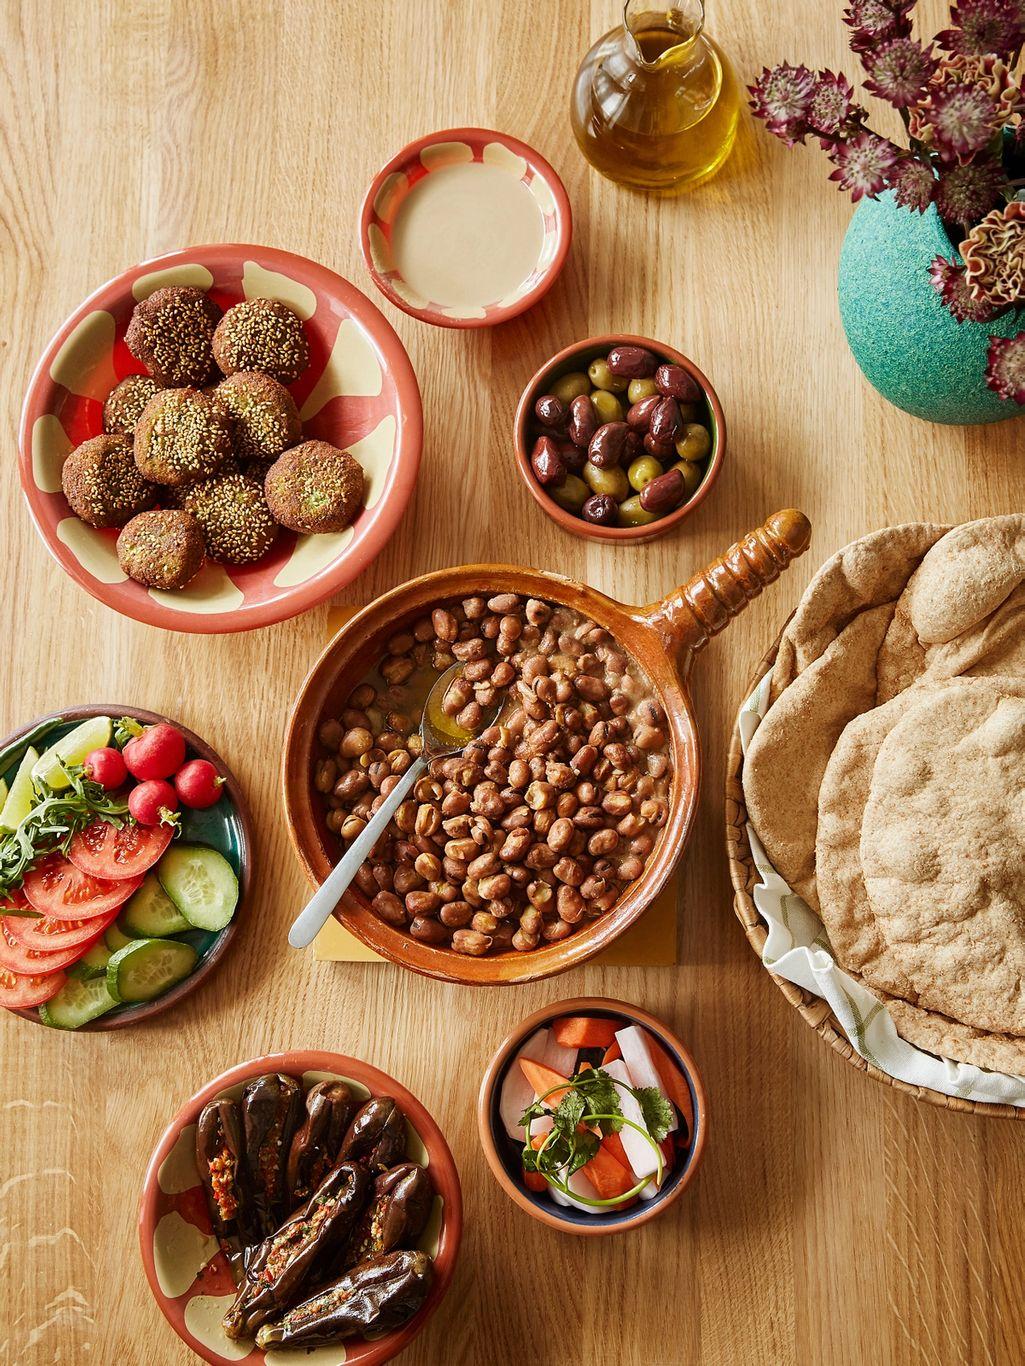 Mariam Kirollos' egyptiske frokost består av falafel, favabønner, lettsyltede aubergine, egyptiske pitabrød, friske grønnsaker og tahini.